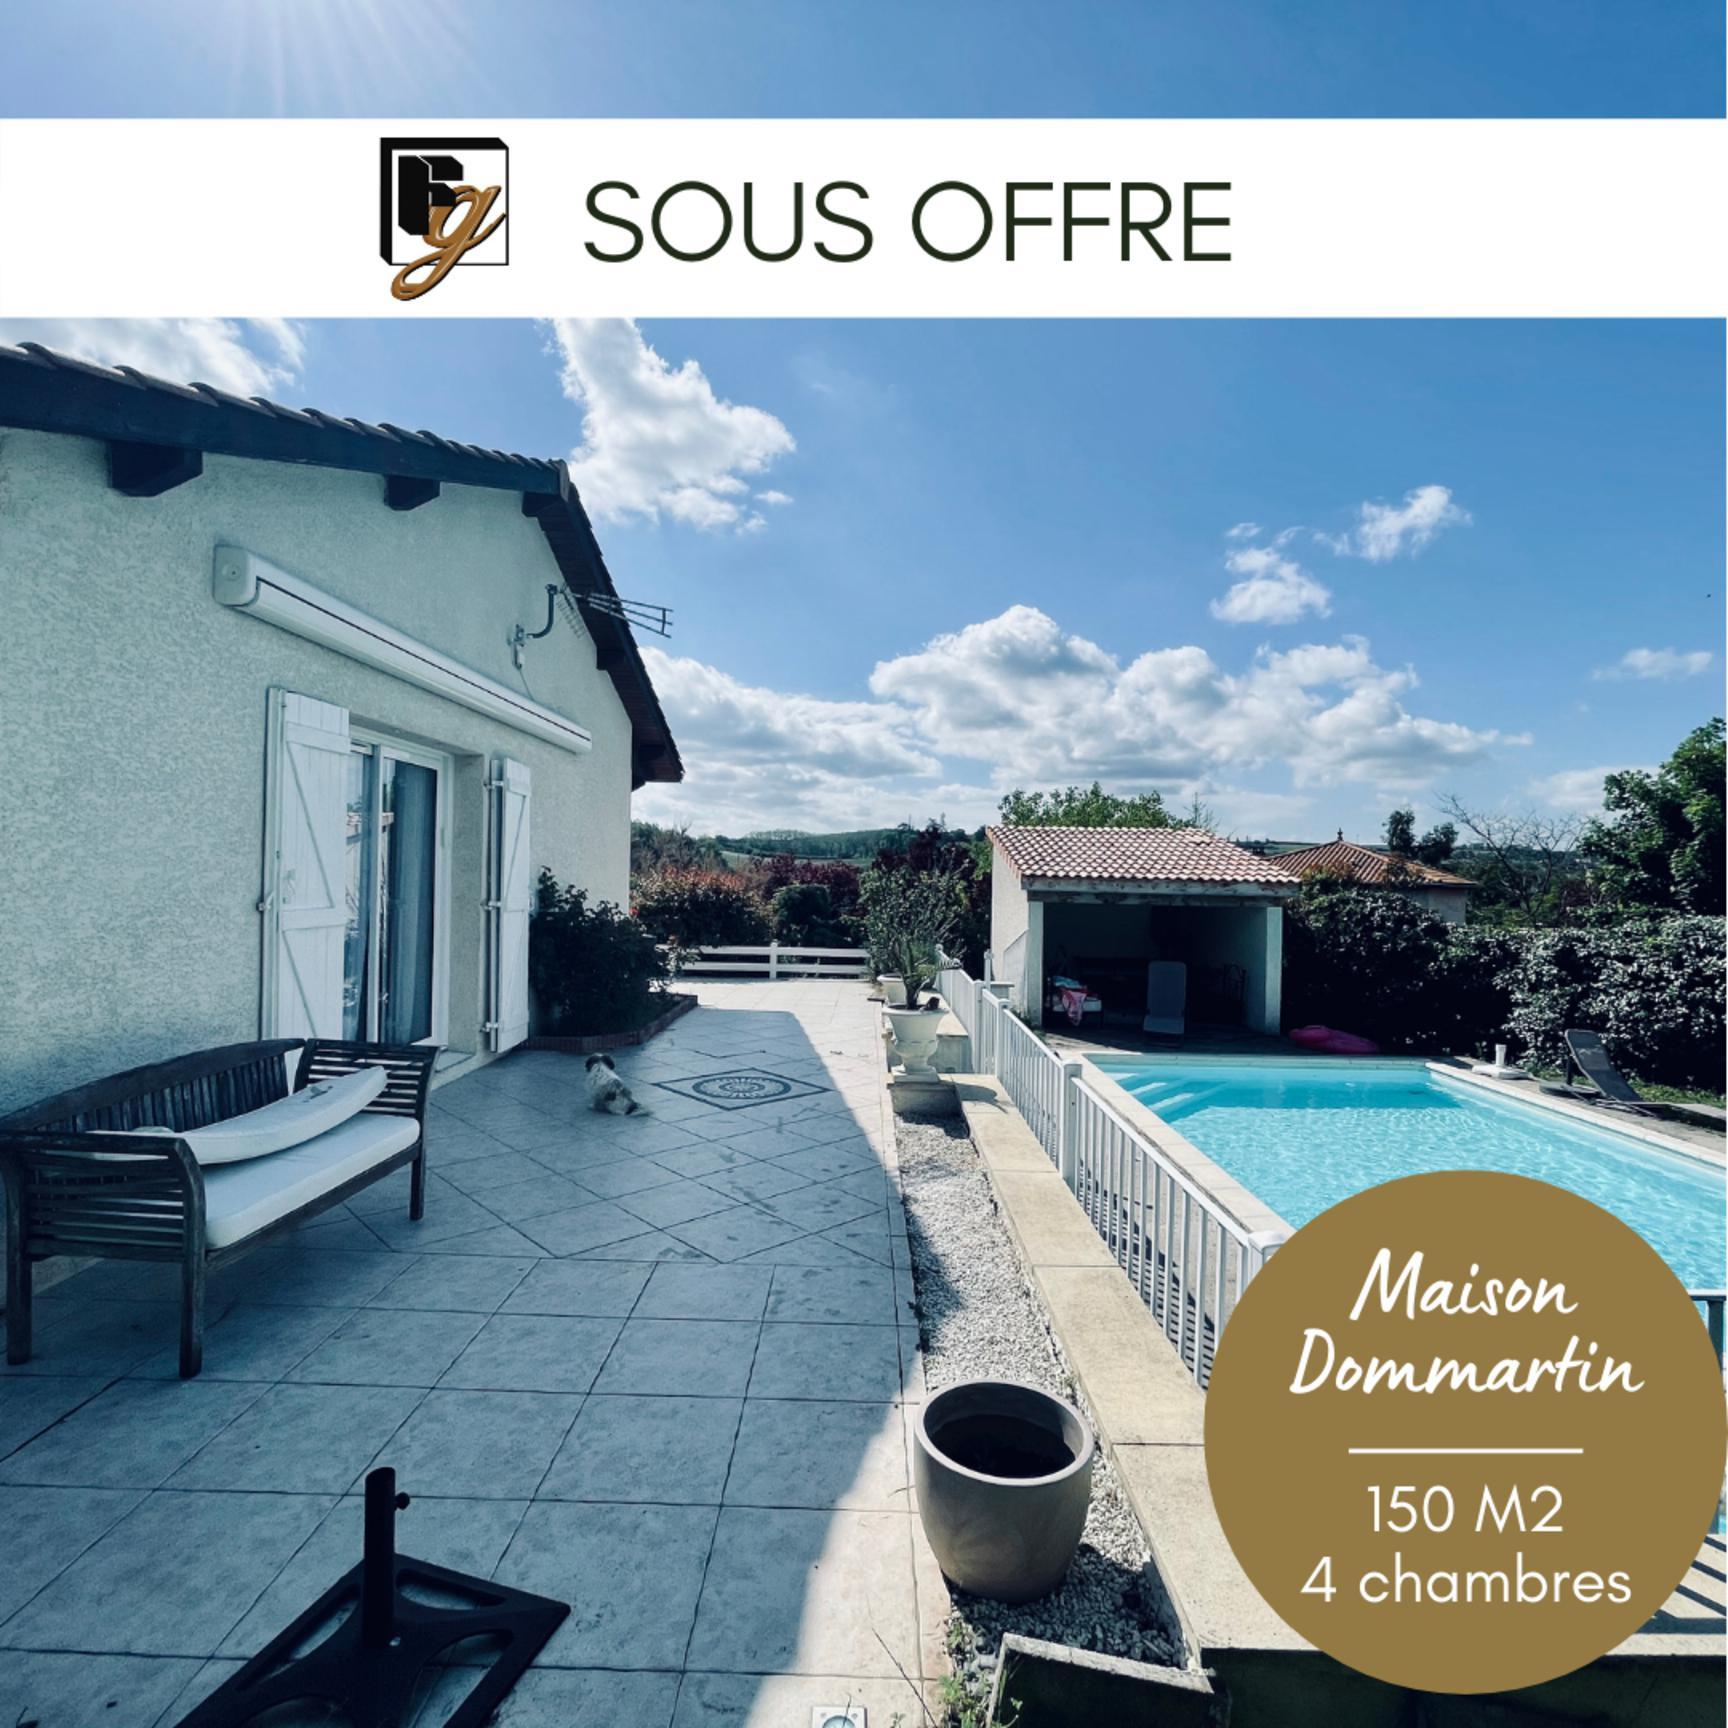 SOUS COMPROMIS // DOMMARTIN villa 150m2 4 chambres